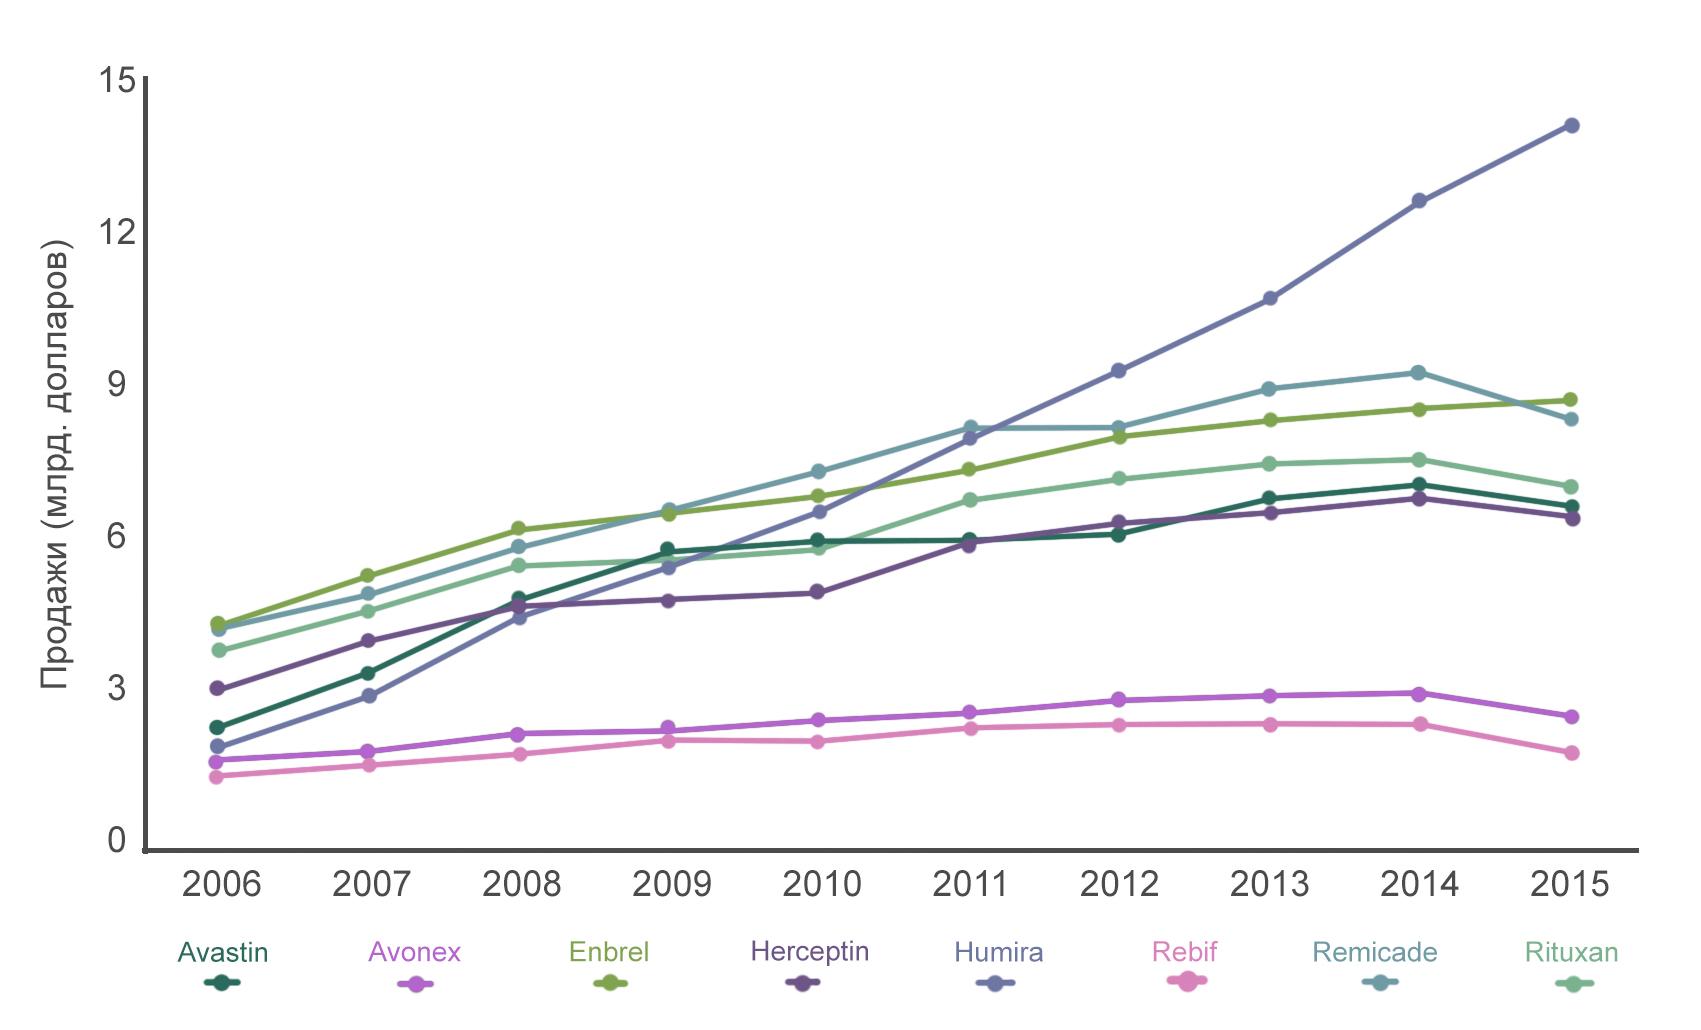 Динамика продаж коммерческих препаратов моноклональных антител